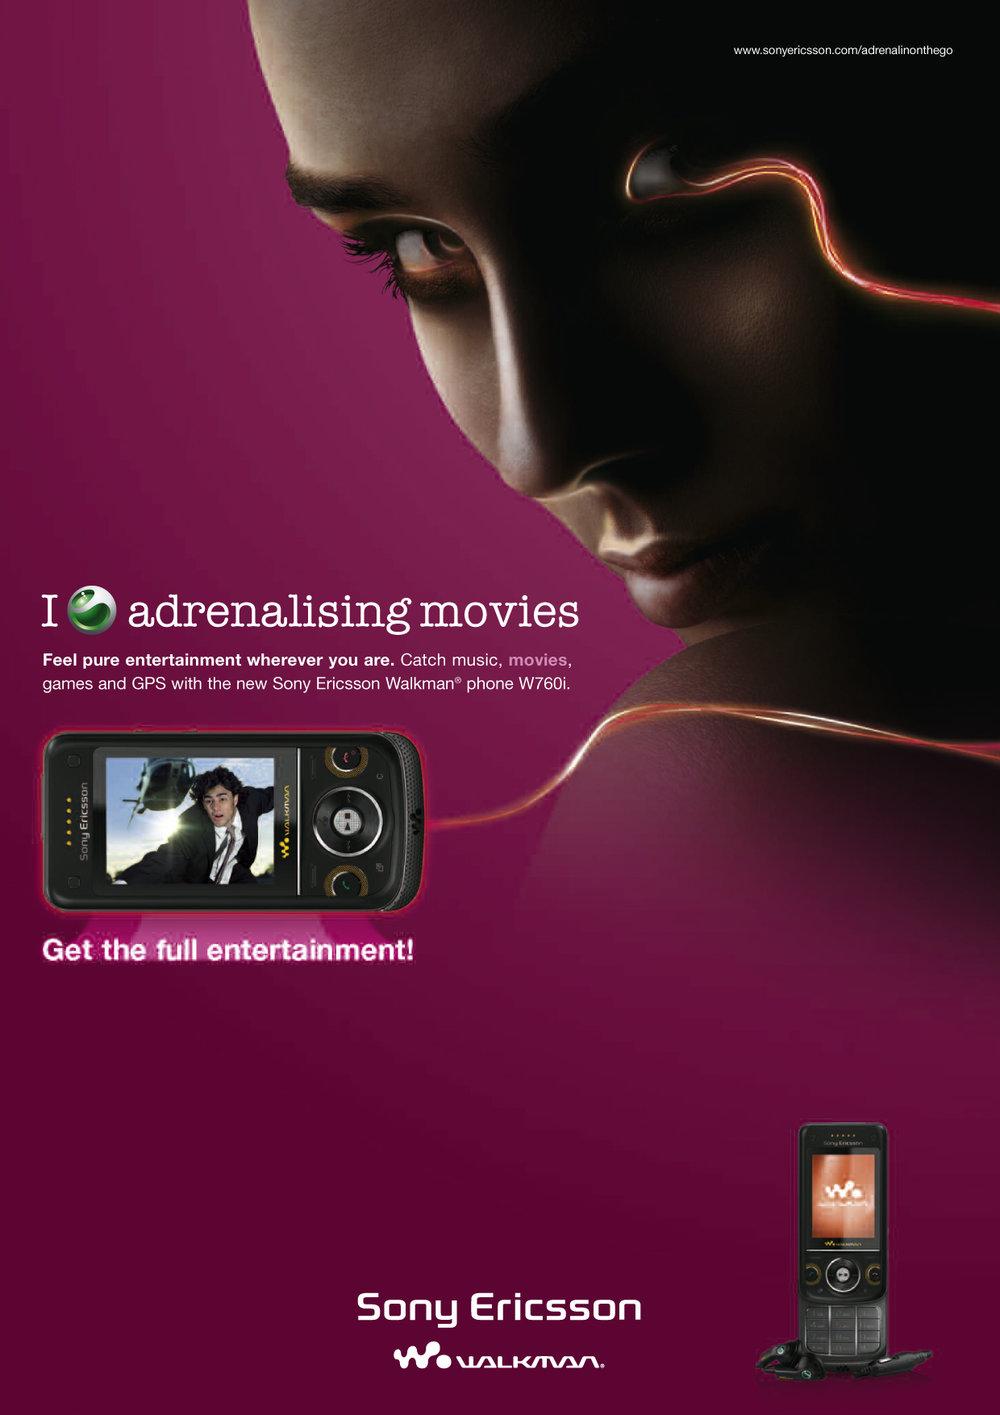 Sony Ericsson POS Plakat 1